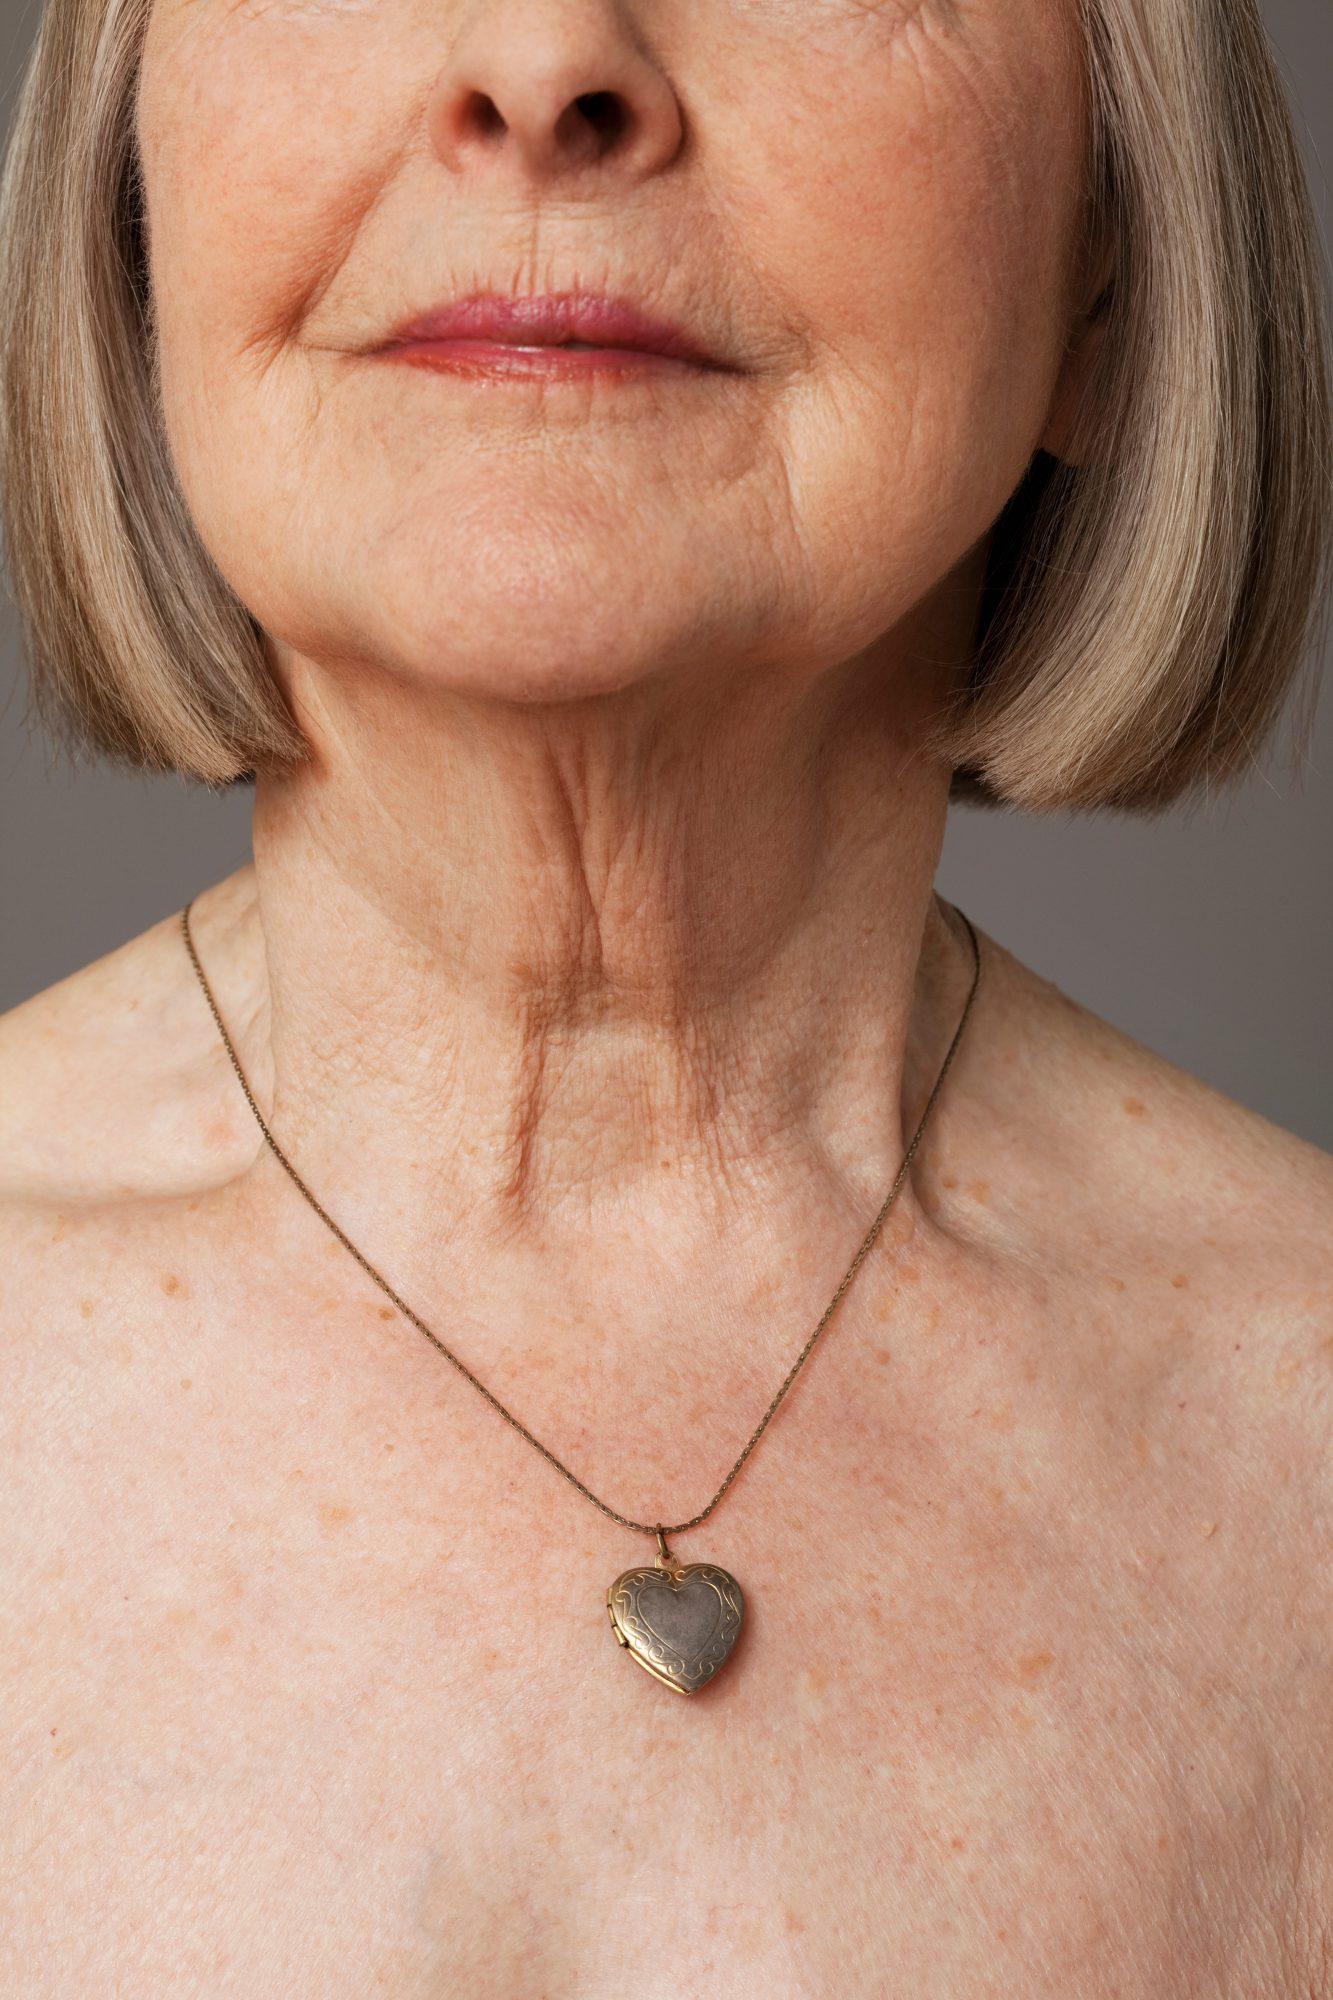 cuello, como mejorar las arrugas del cuello